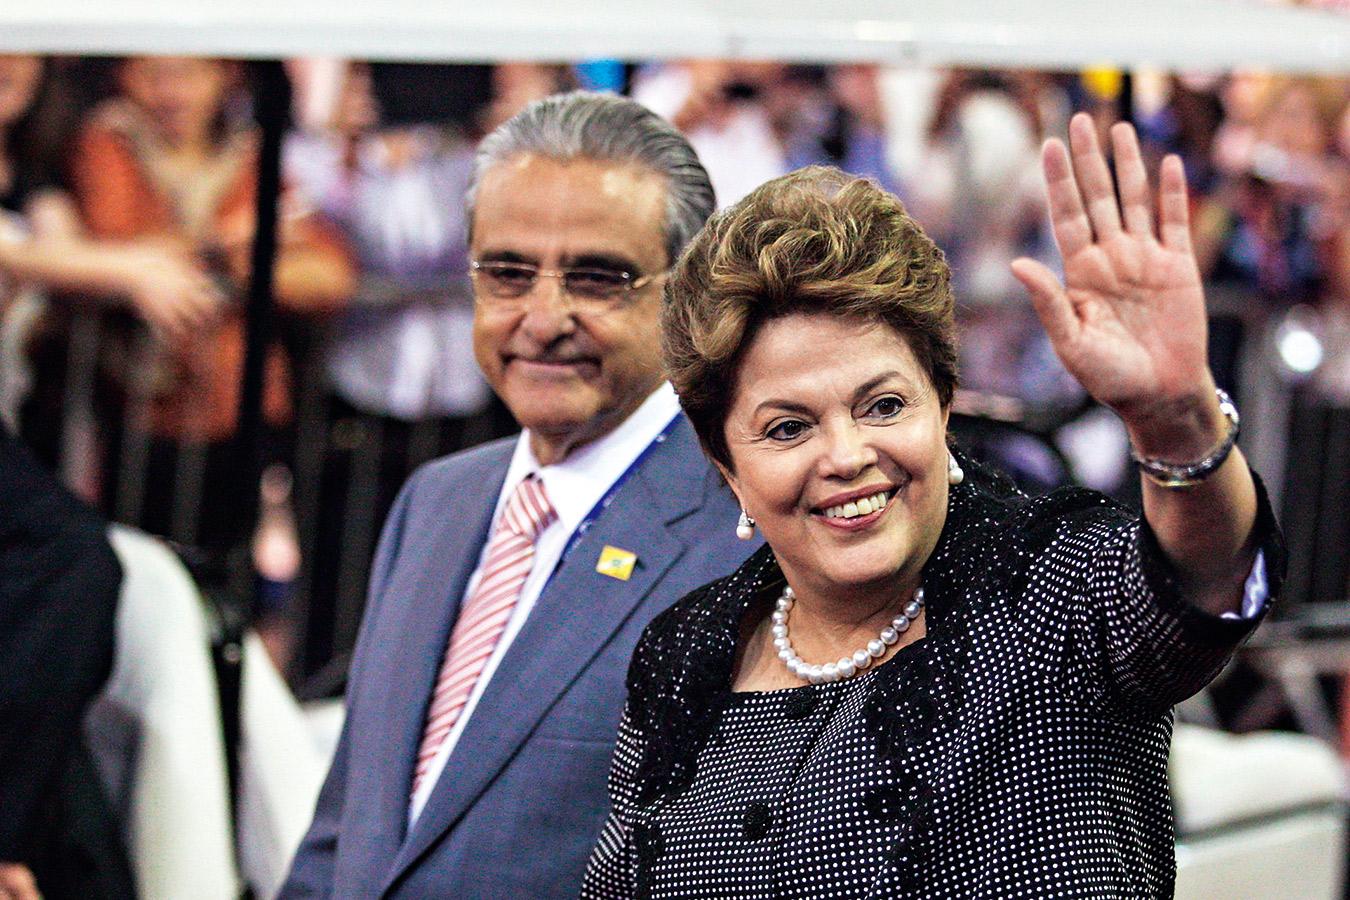 巴西總統羅賽芙(右)以售出國際機場經營權搶救經濟,雖然有效 換得資金,但也有些令人鼻酸。